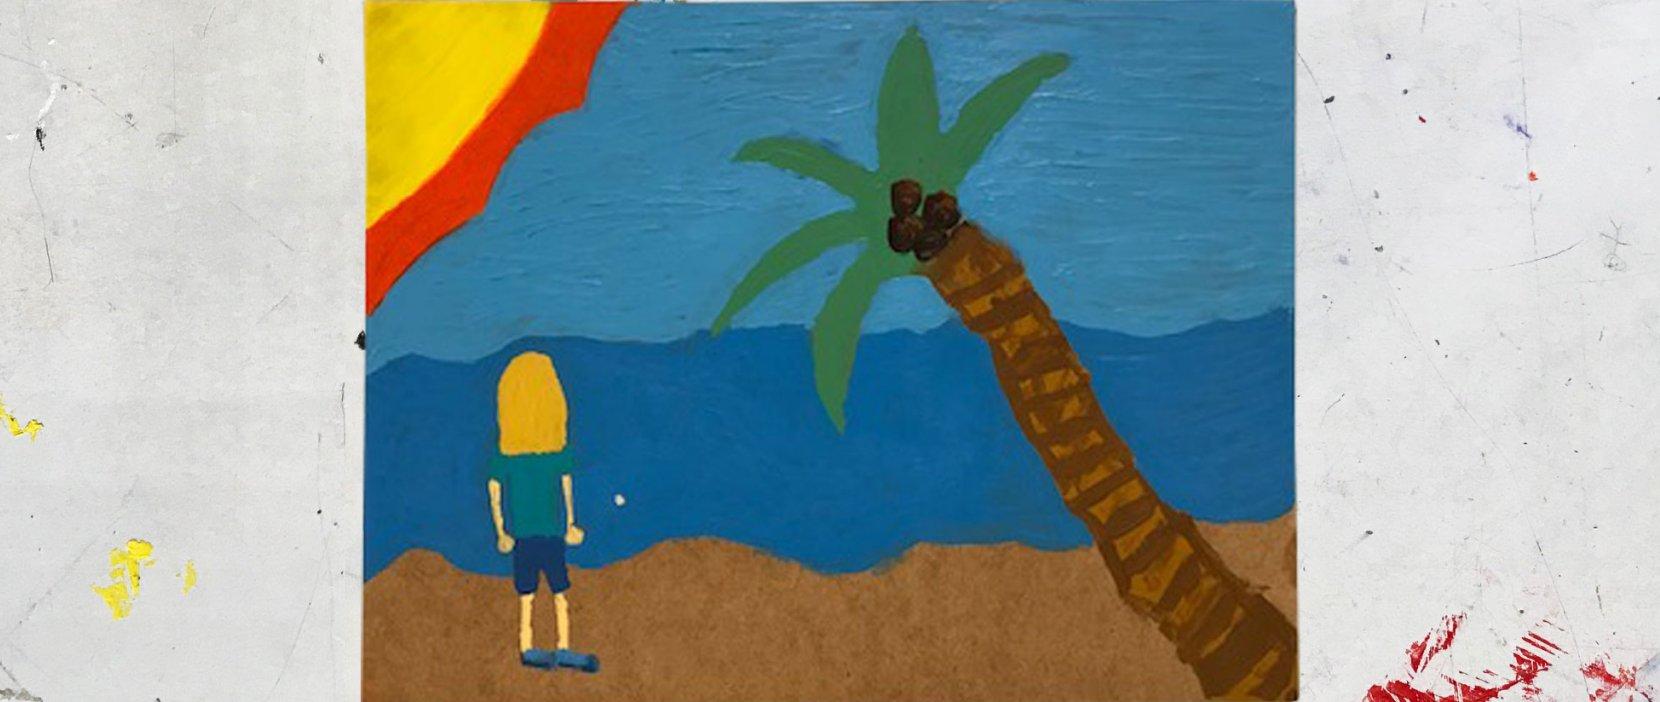 Billedkunst for 10-14 årige, Toftevang